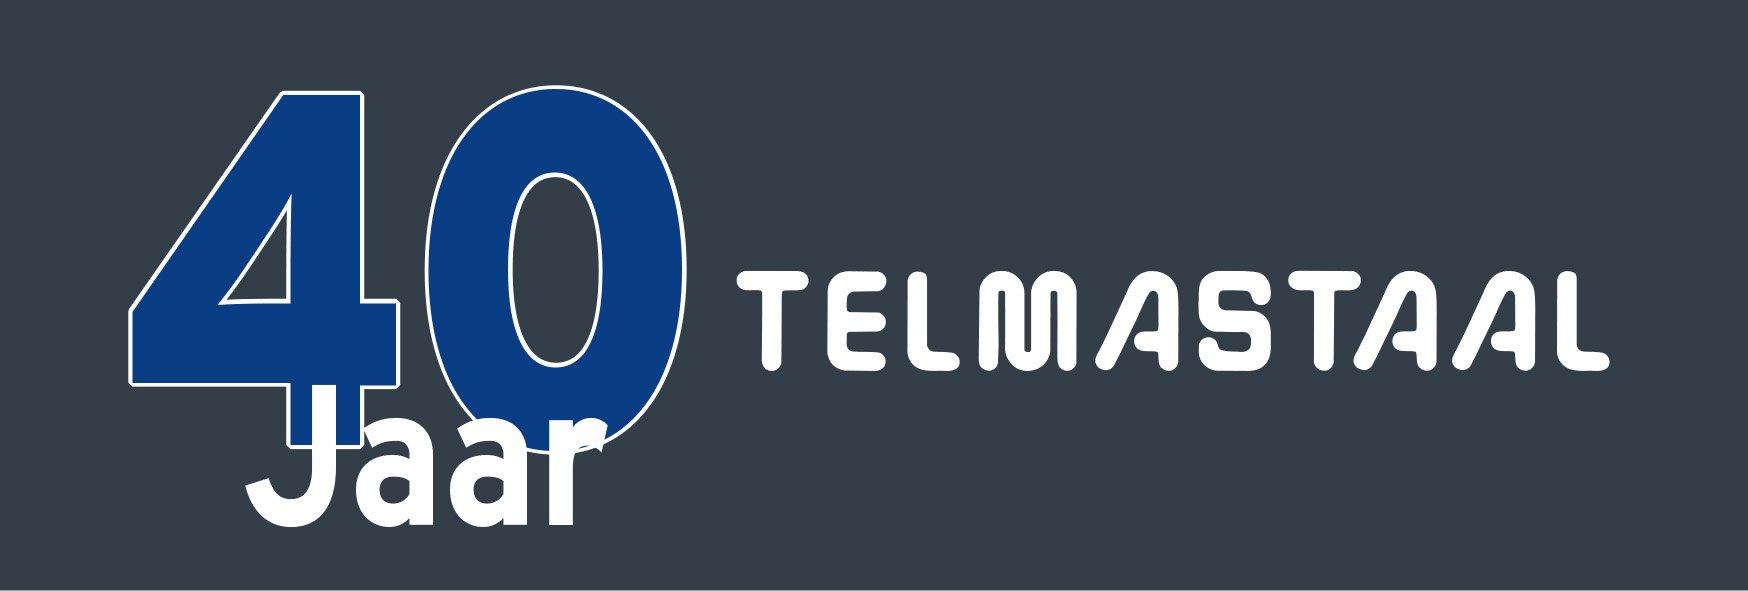 Telmastaal_40jr